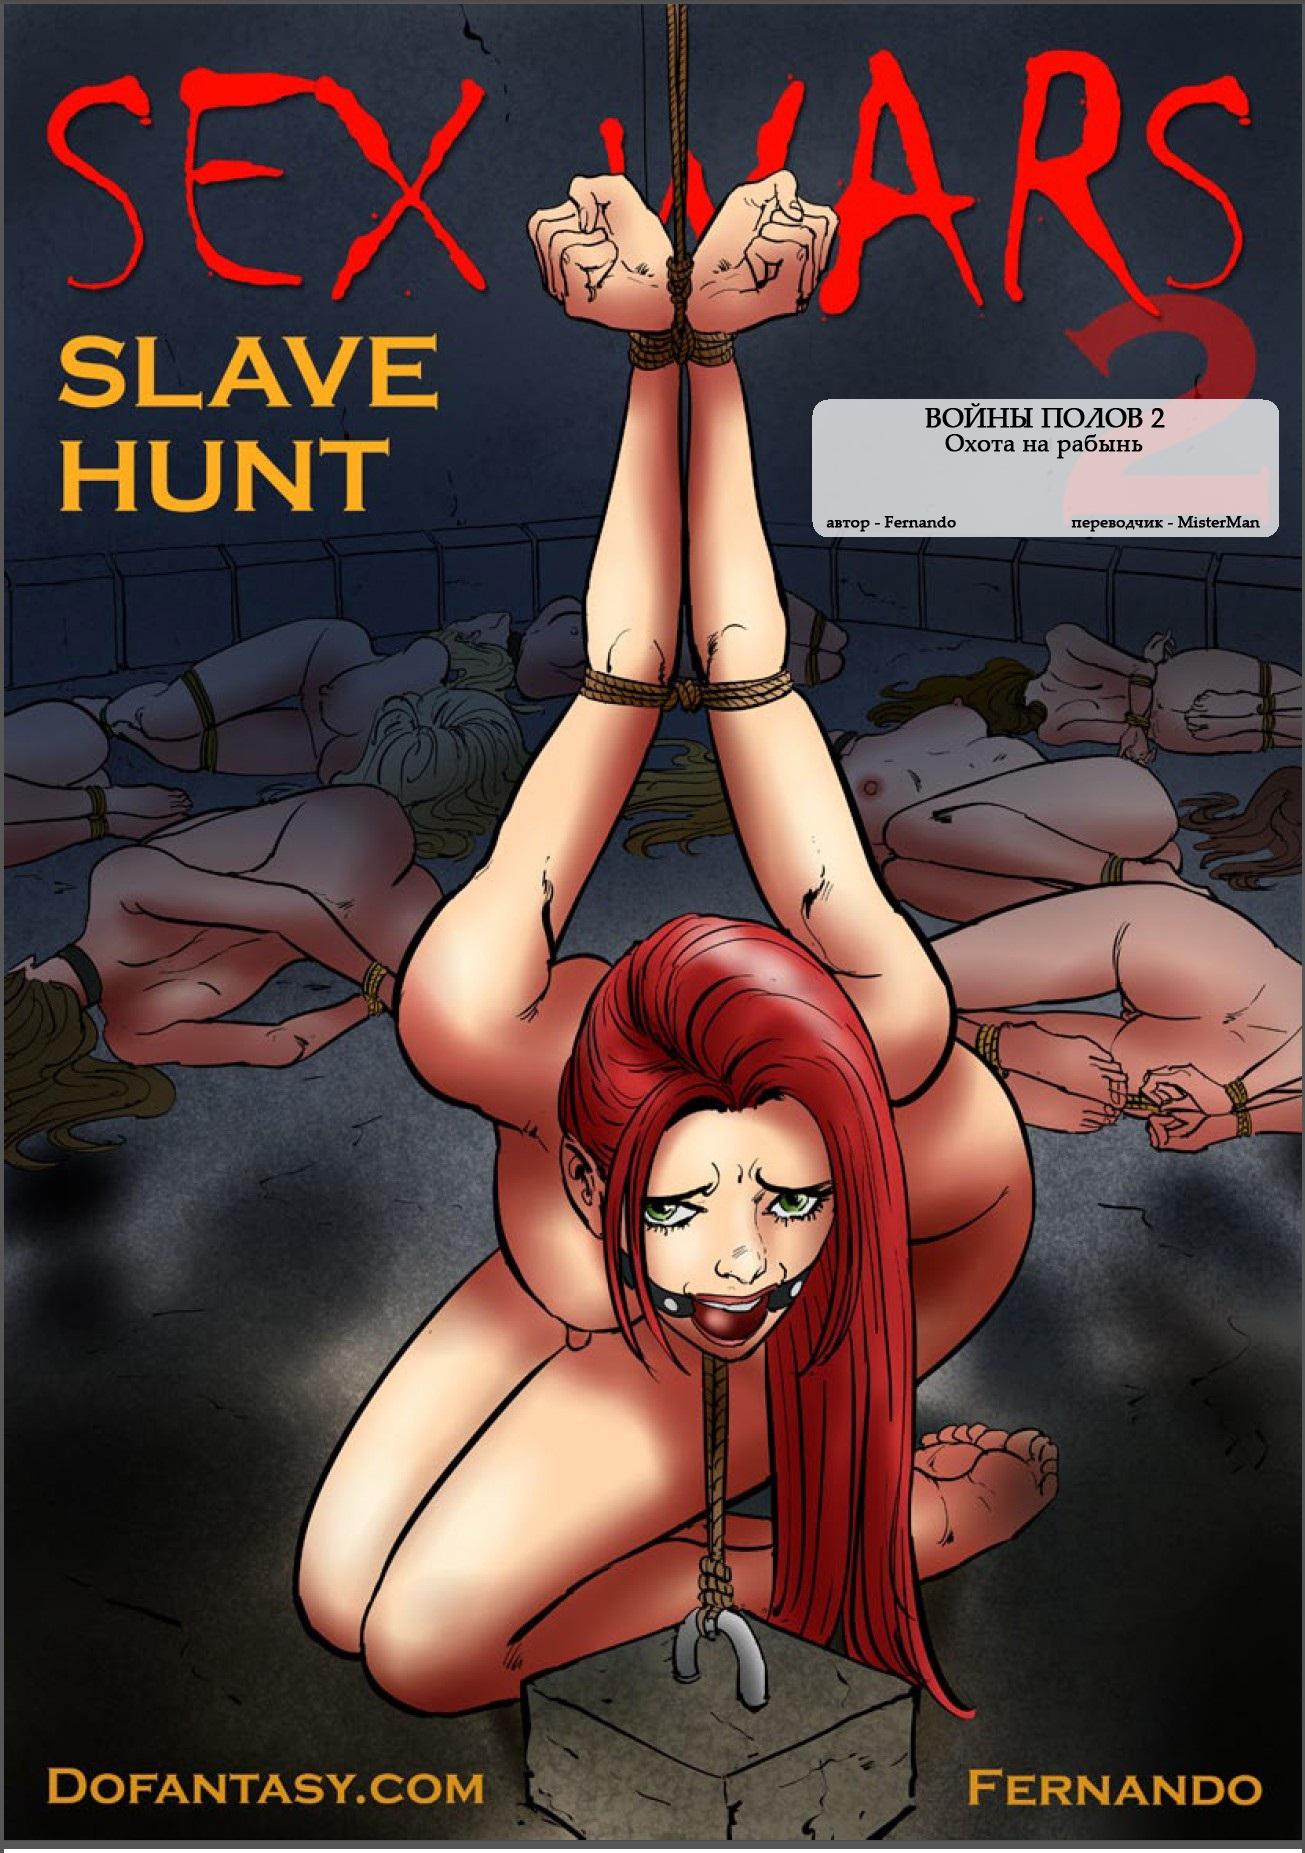 Смотреть порно рисунки бдсм